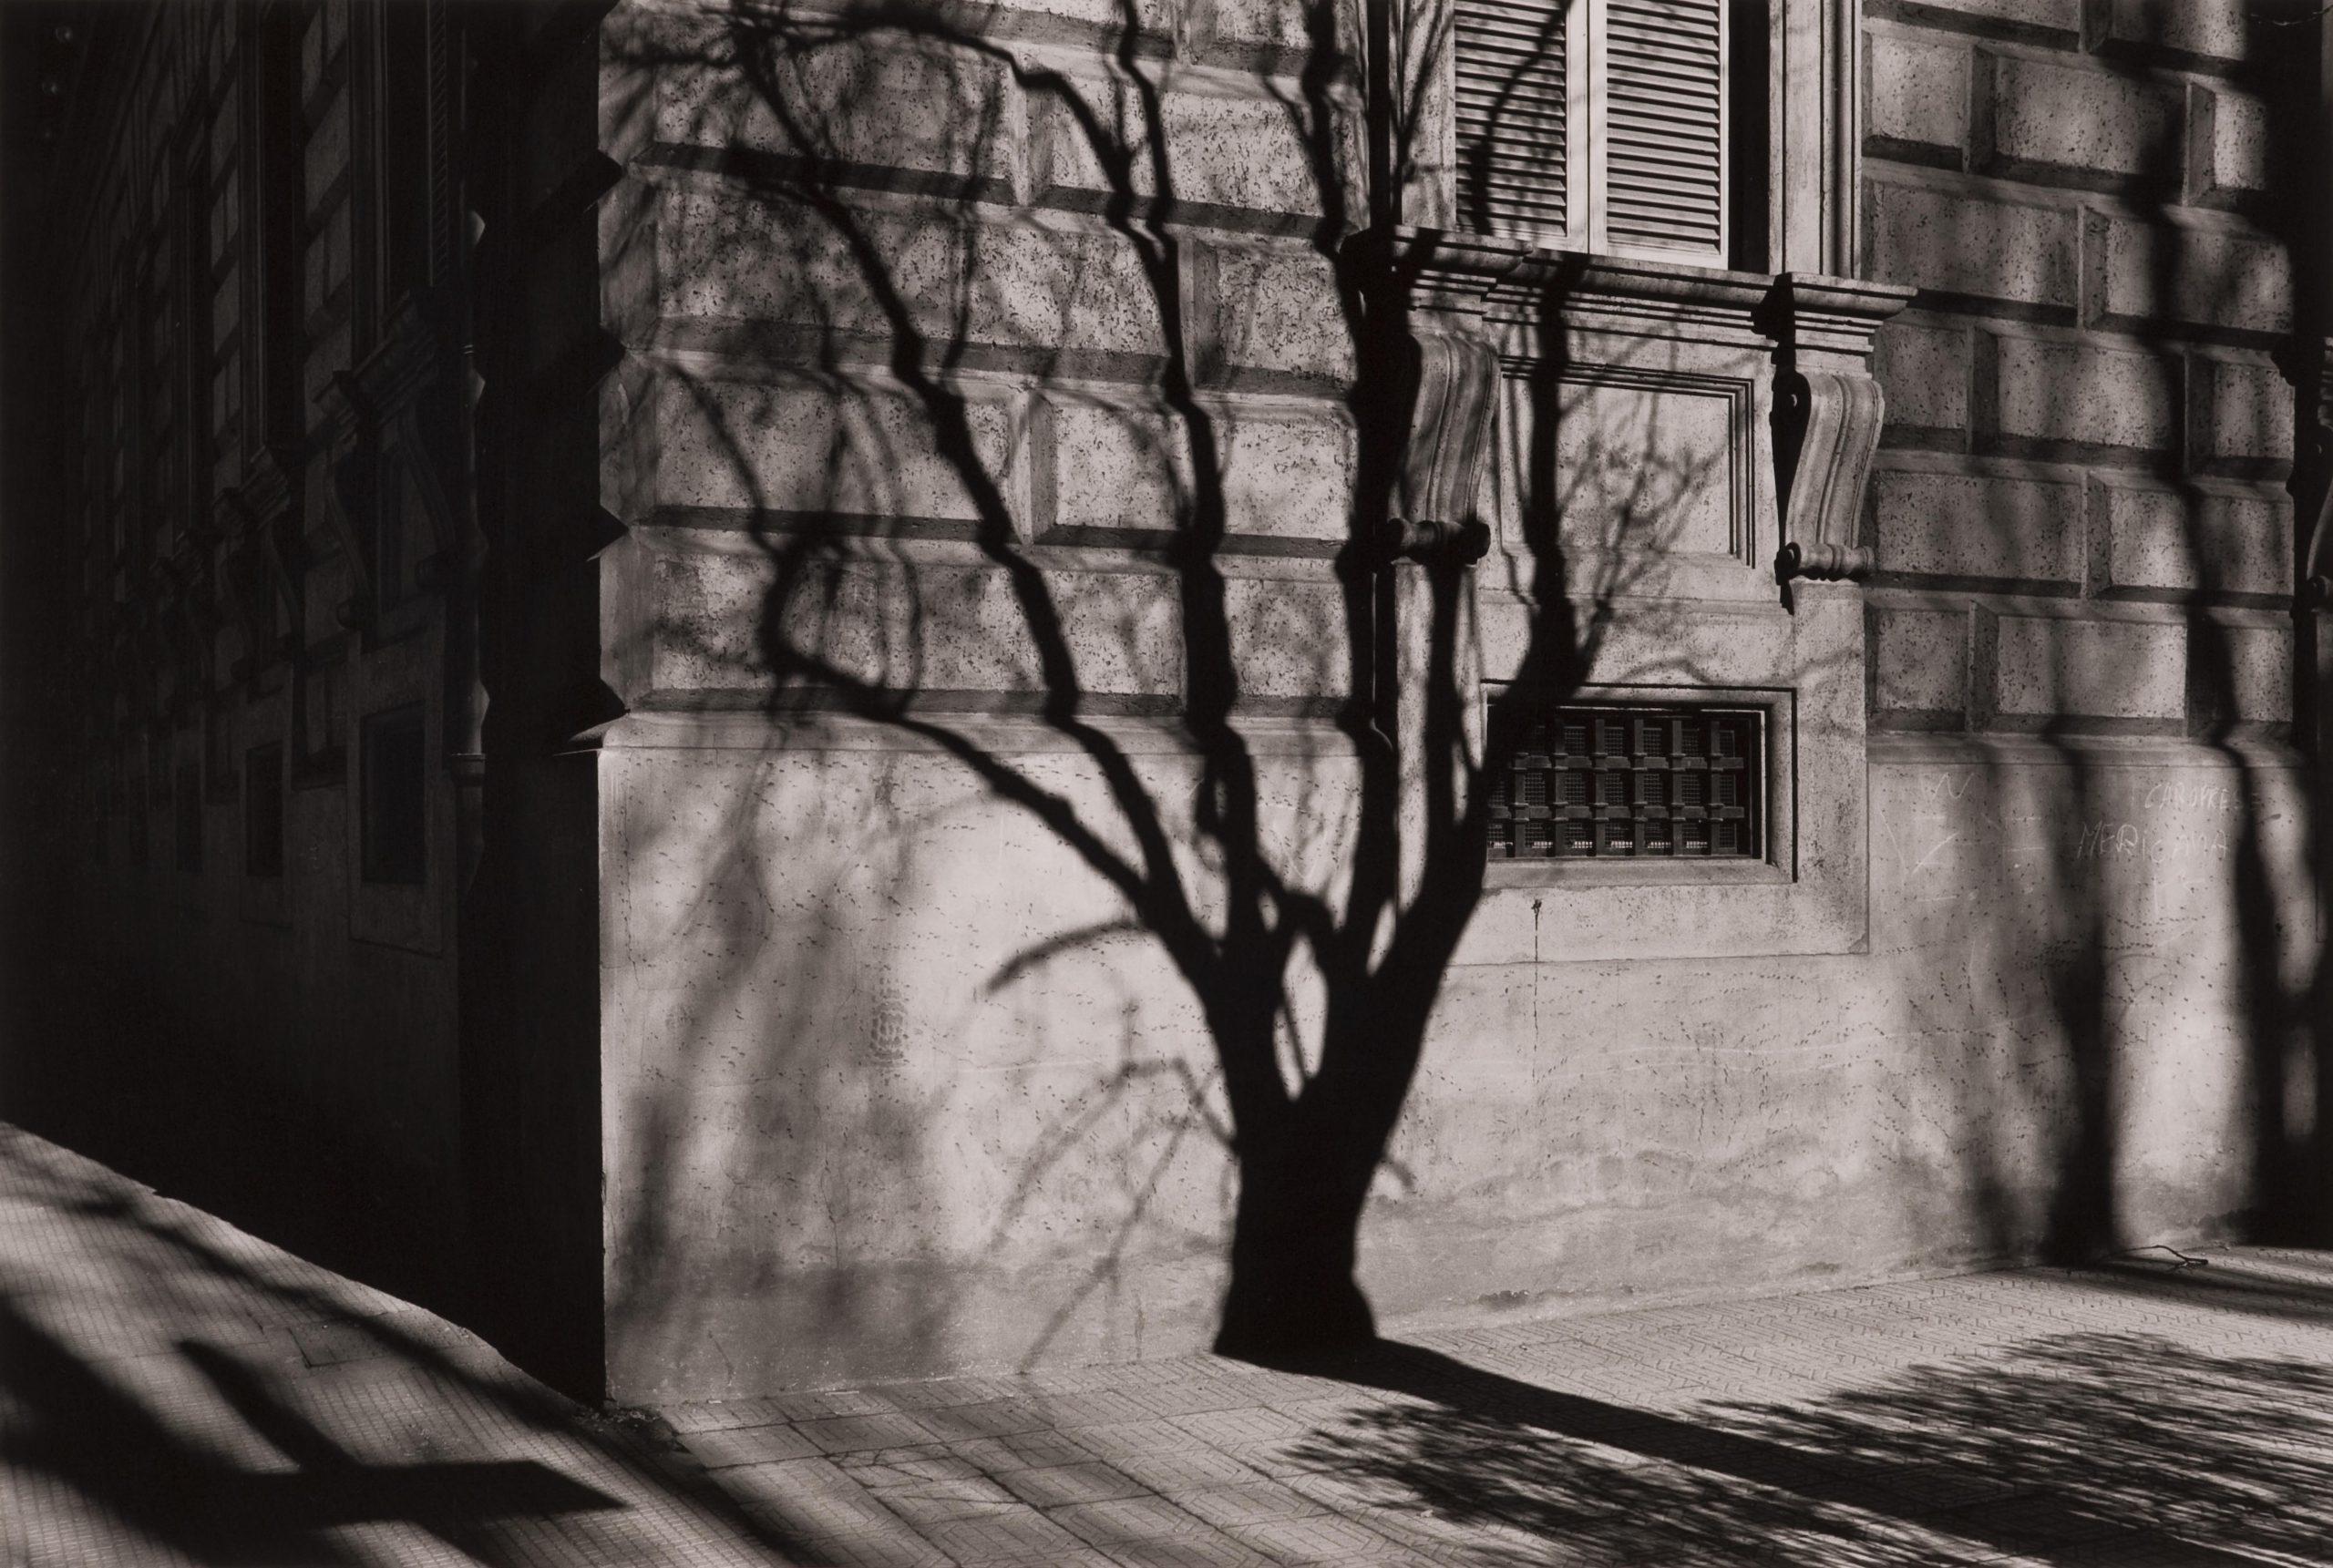 Radino, Francesco 19